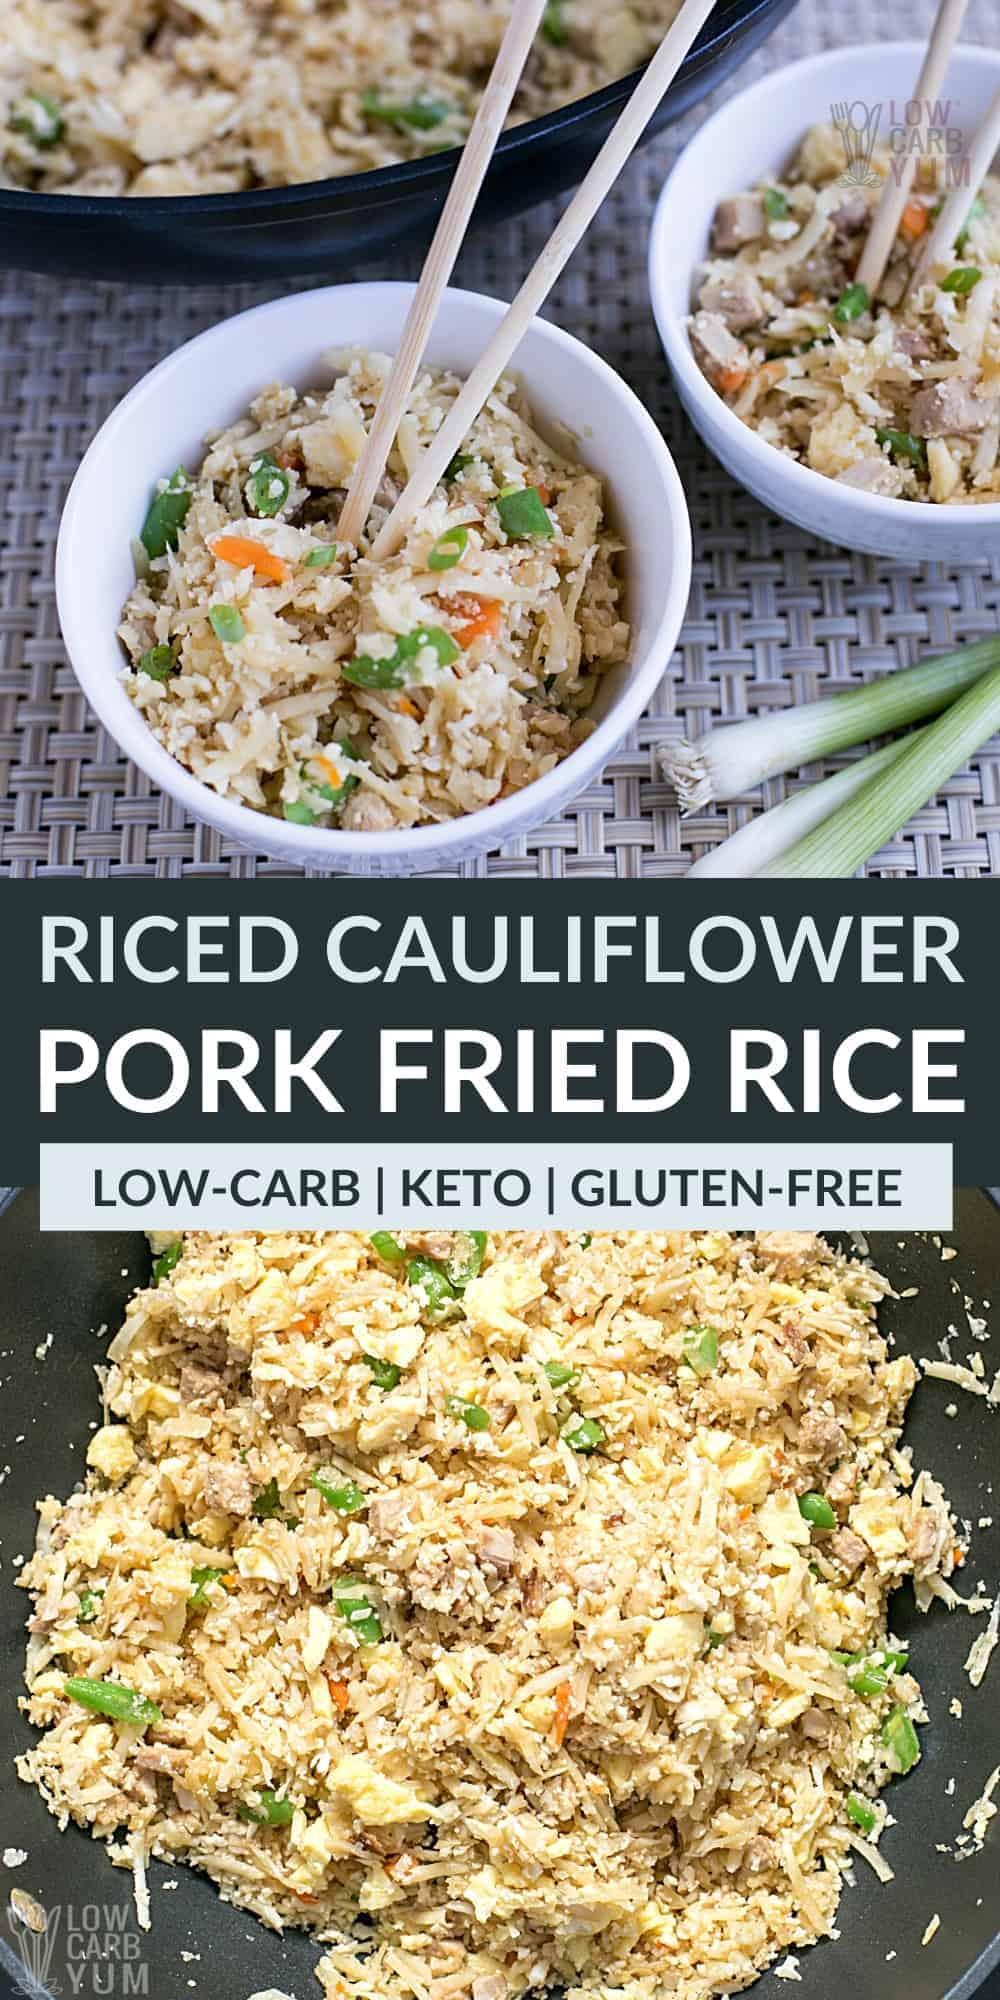 keto pork fried rice pinterest image